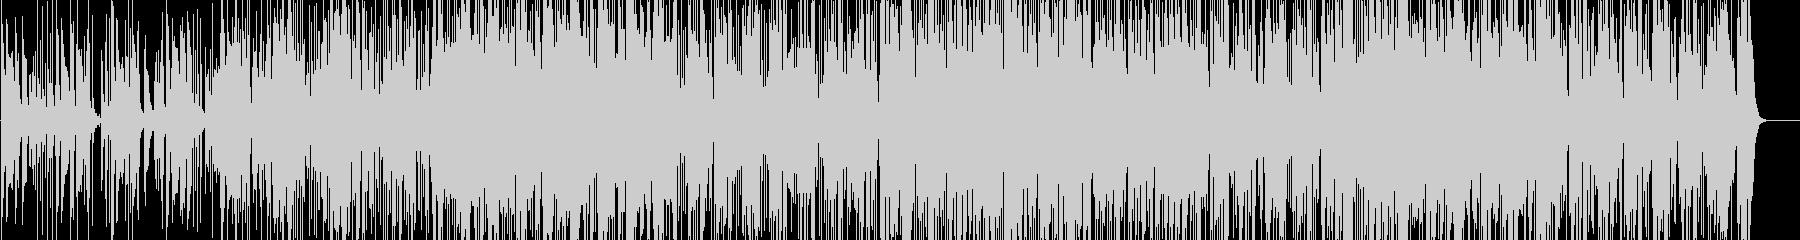 ラテンパーカッション炸裂!マンボとソンゴの未再生の波形